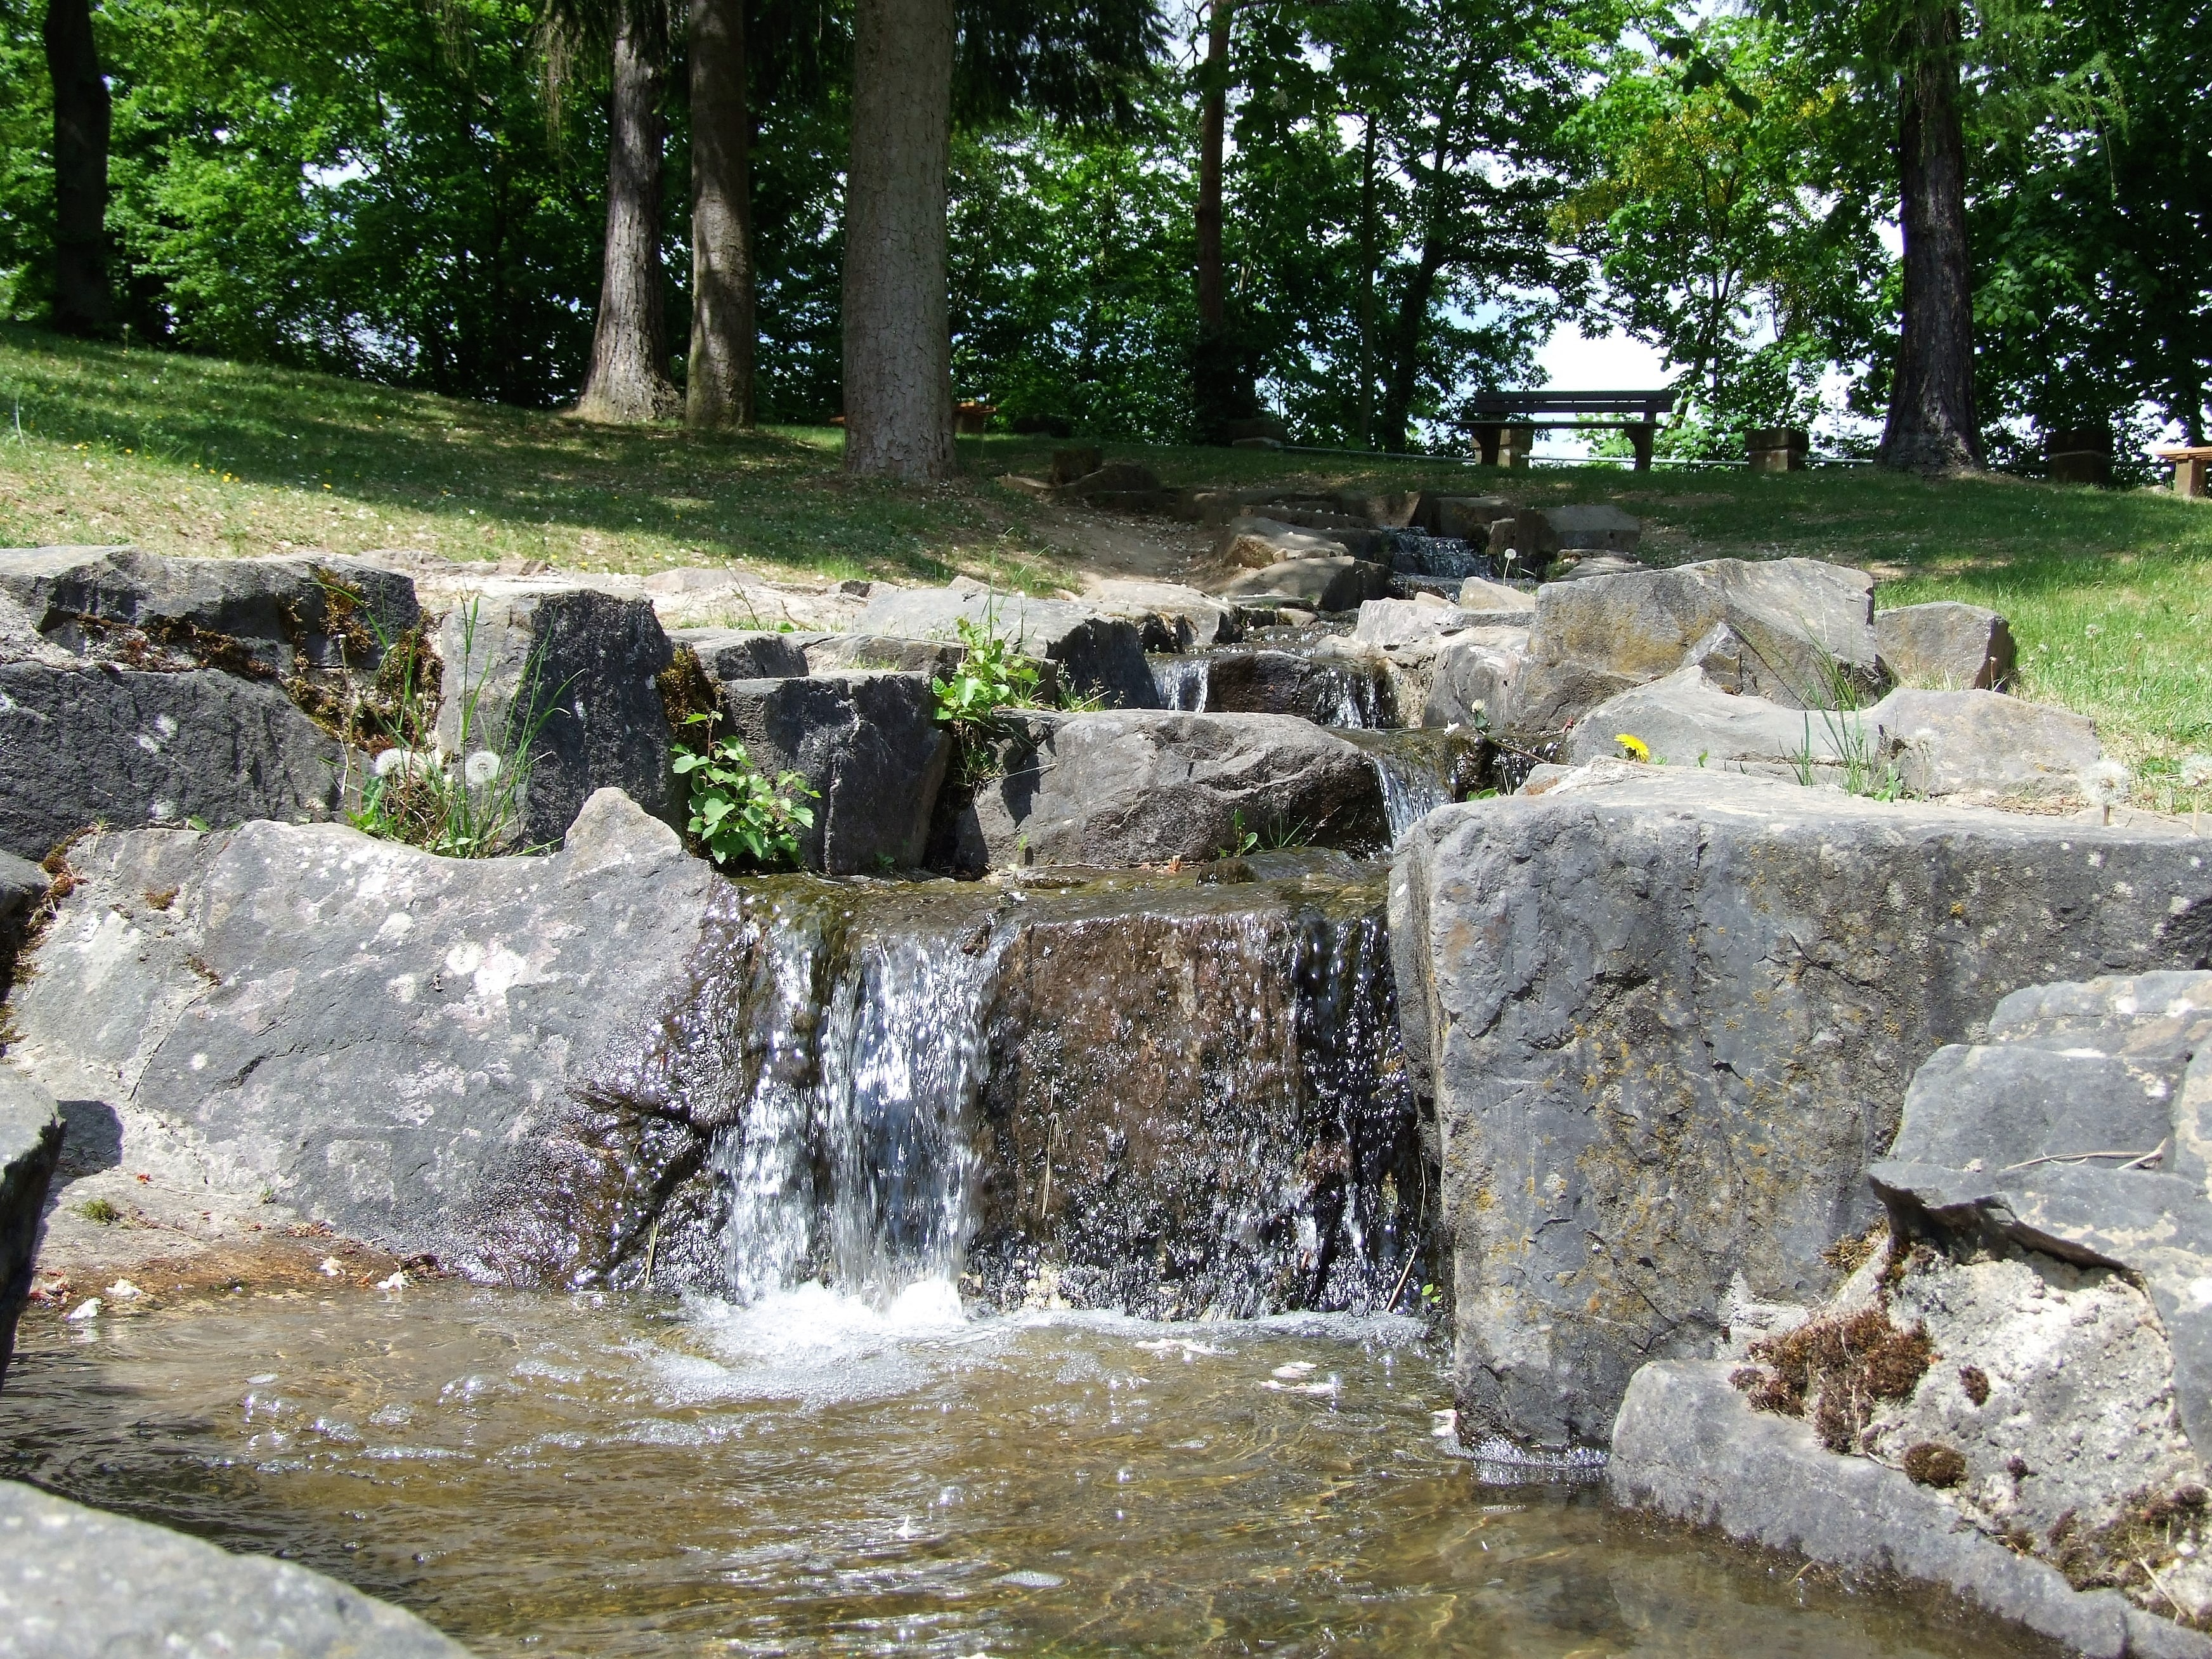 Ein nachgebildeter Bachlauf speist den Aquapark in Edersee. (Foto: Uli Klein)